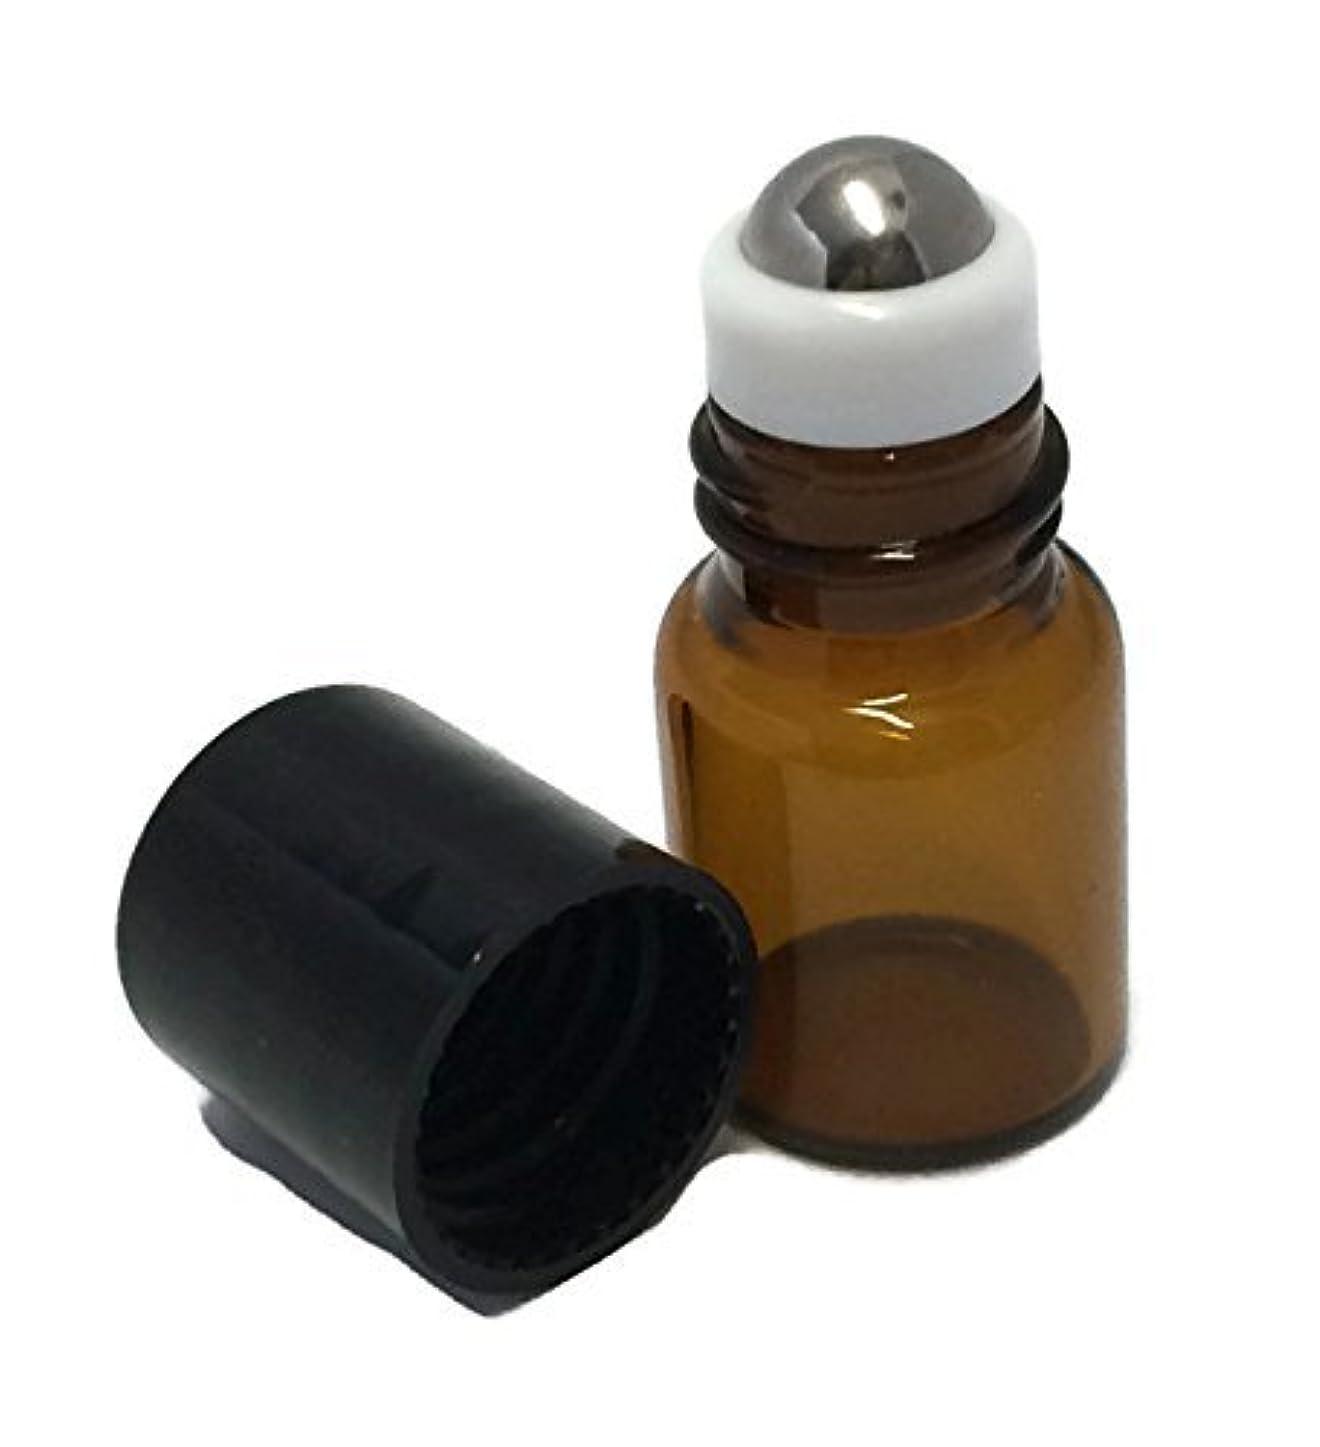 ヘッジ知的印象USA 144 Amber Glass 2 ml, 5/8 Dram Mini Roll-On Glass Bottles with Stainless Steel Roller Balls - Refillable Aromatherapy...